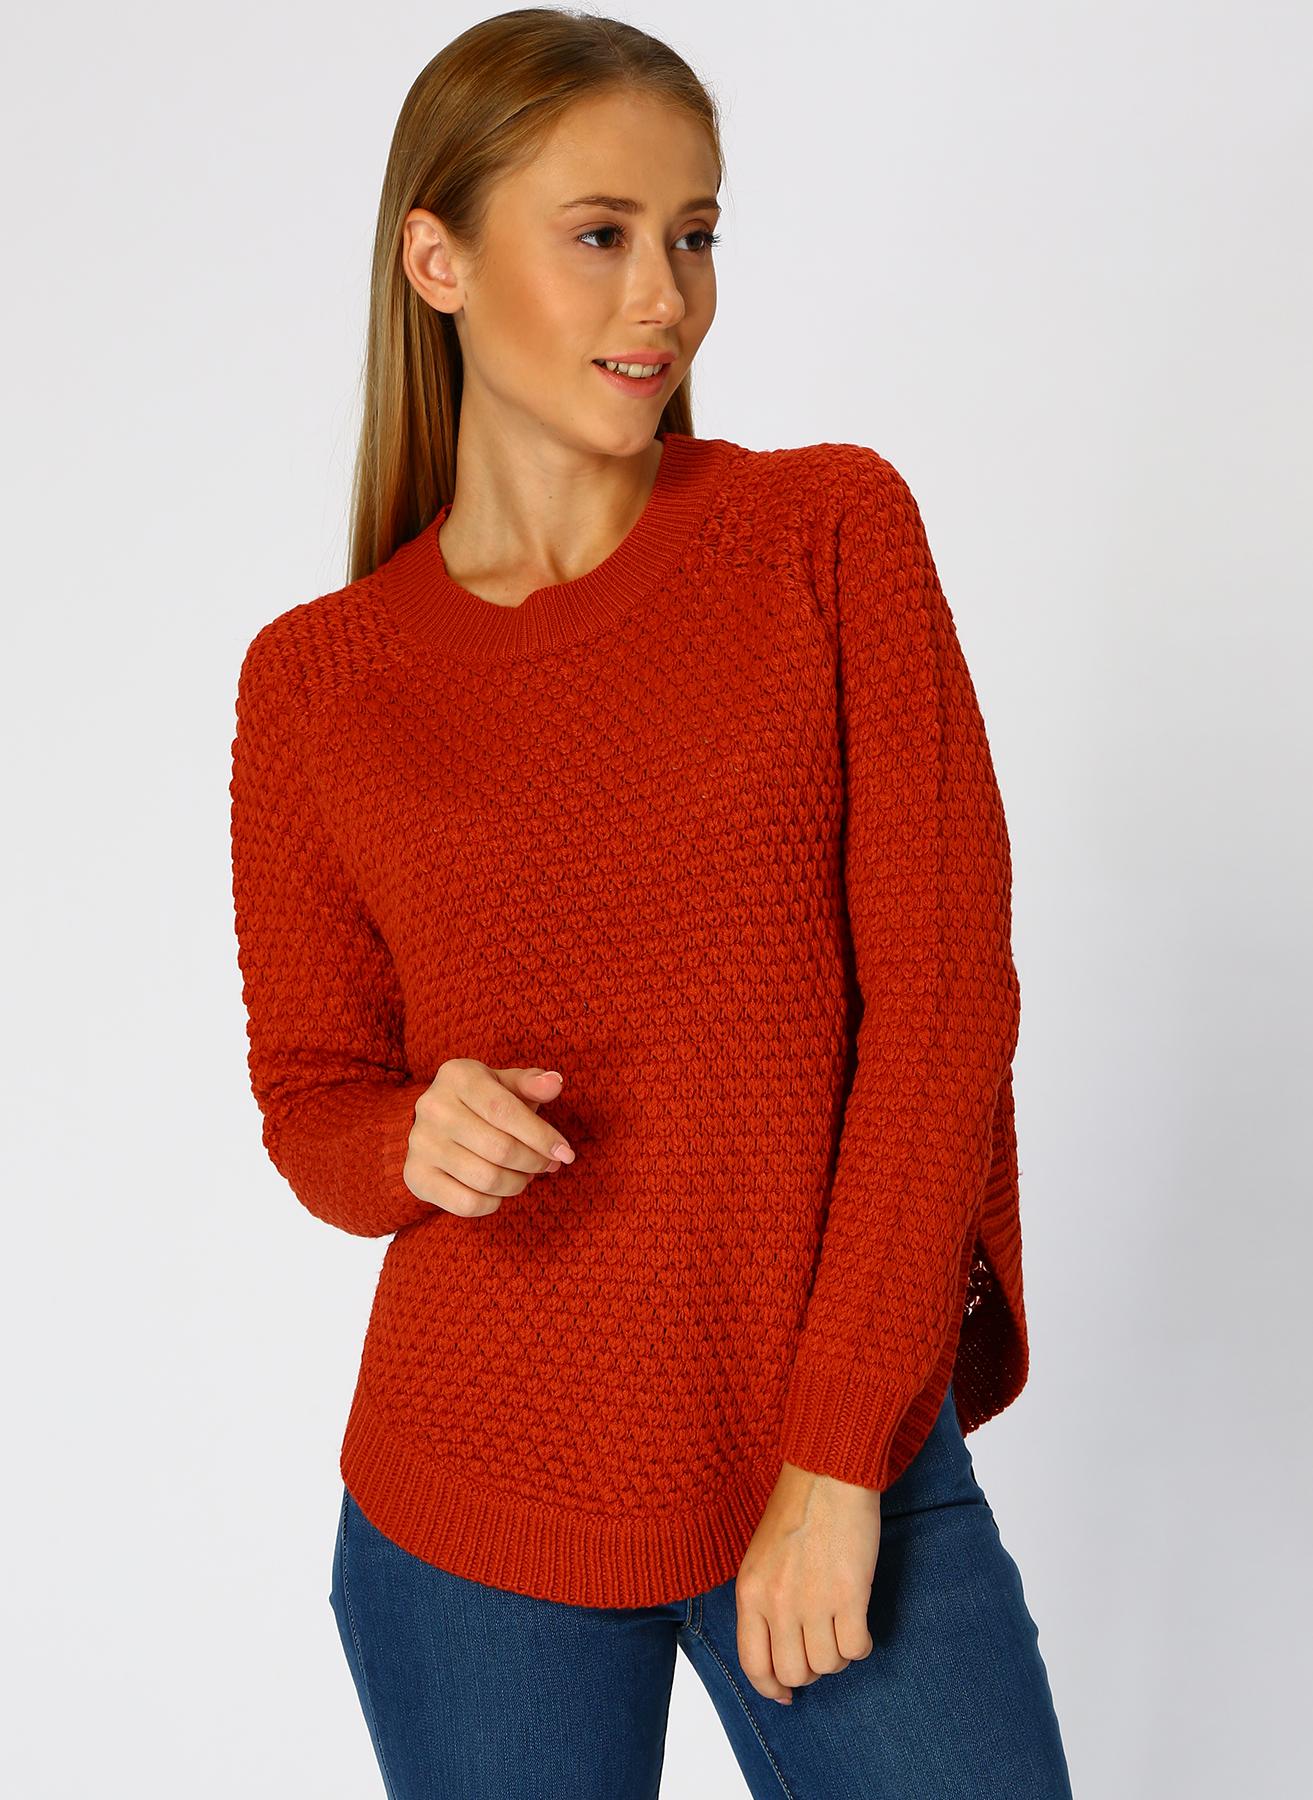 Vero Moda Kırmızı Kazak M 5001705233002 Ürün Resmi